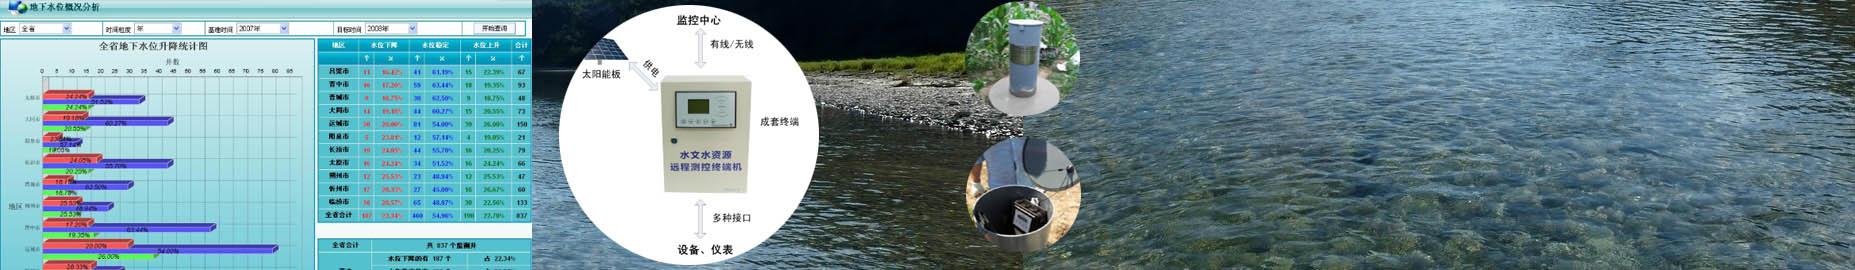 地下水位監測系統